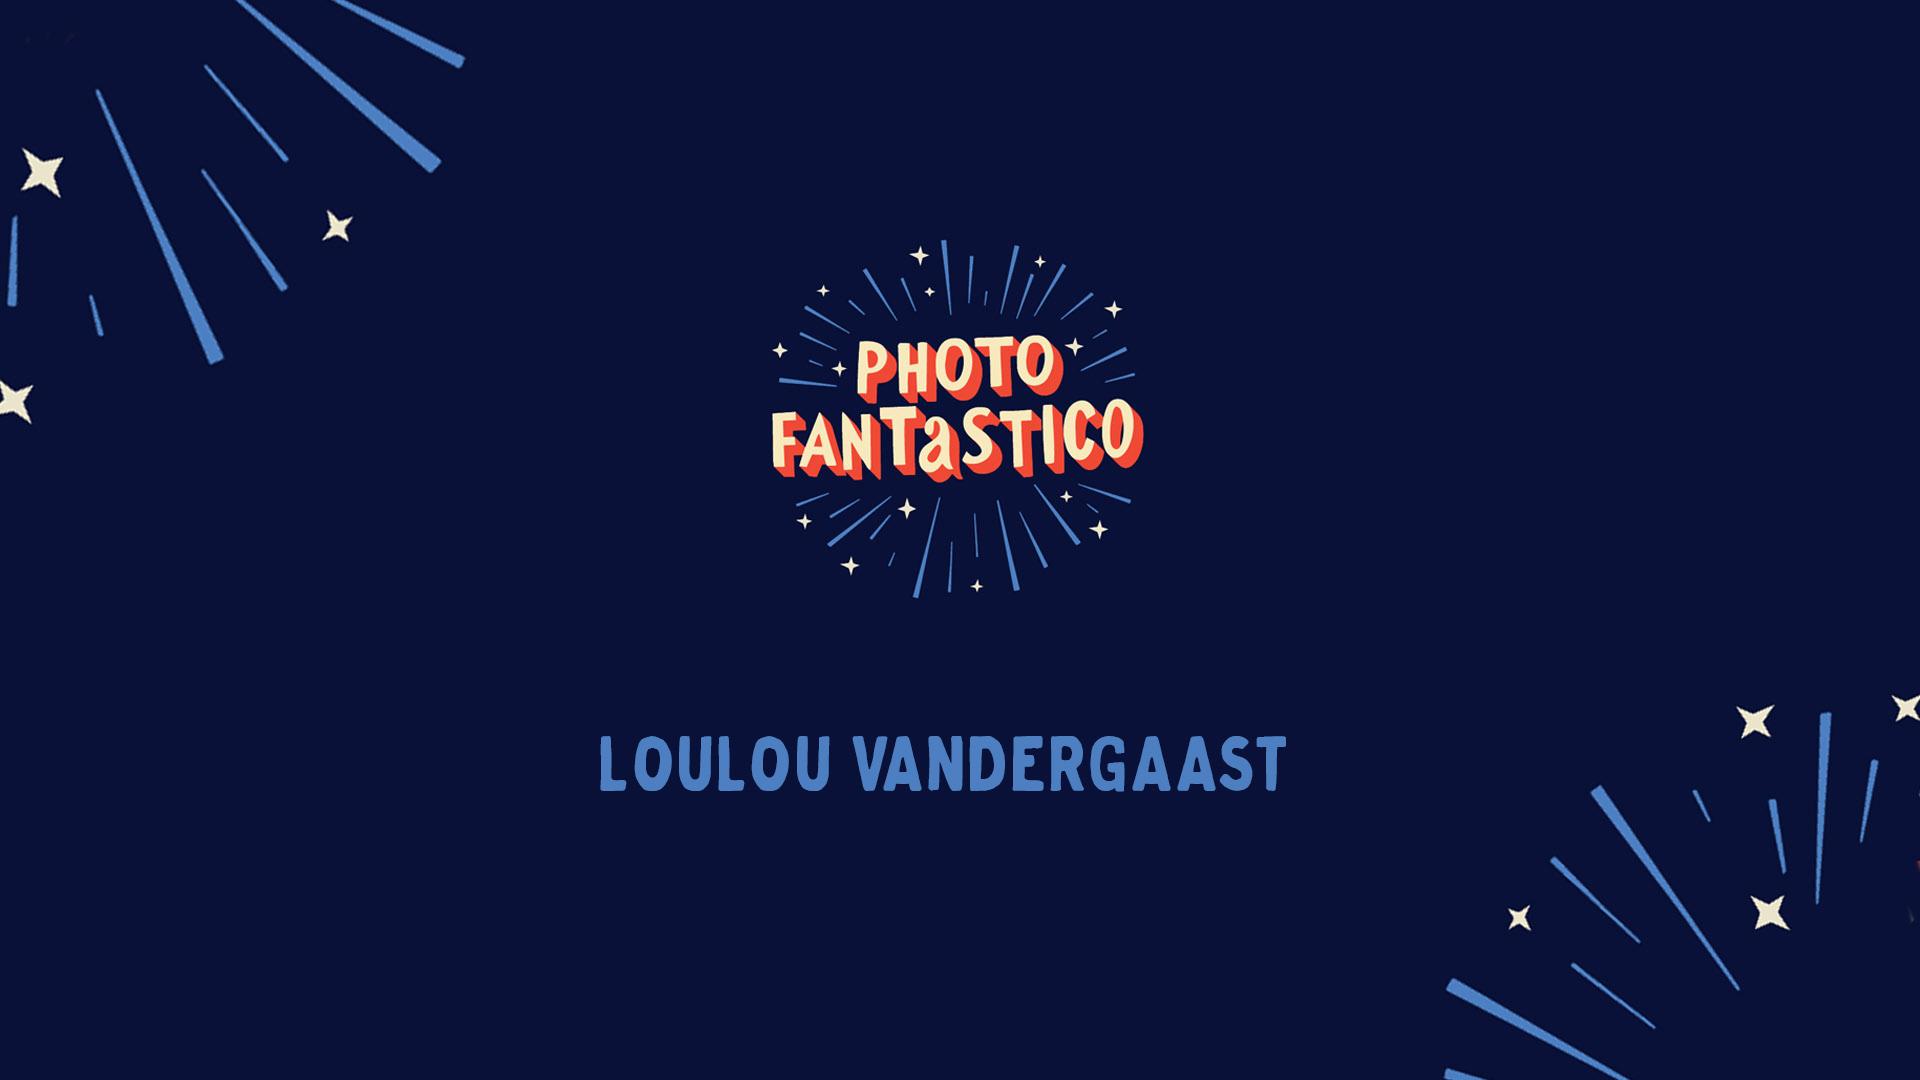 LouLou VanderGaast